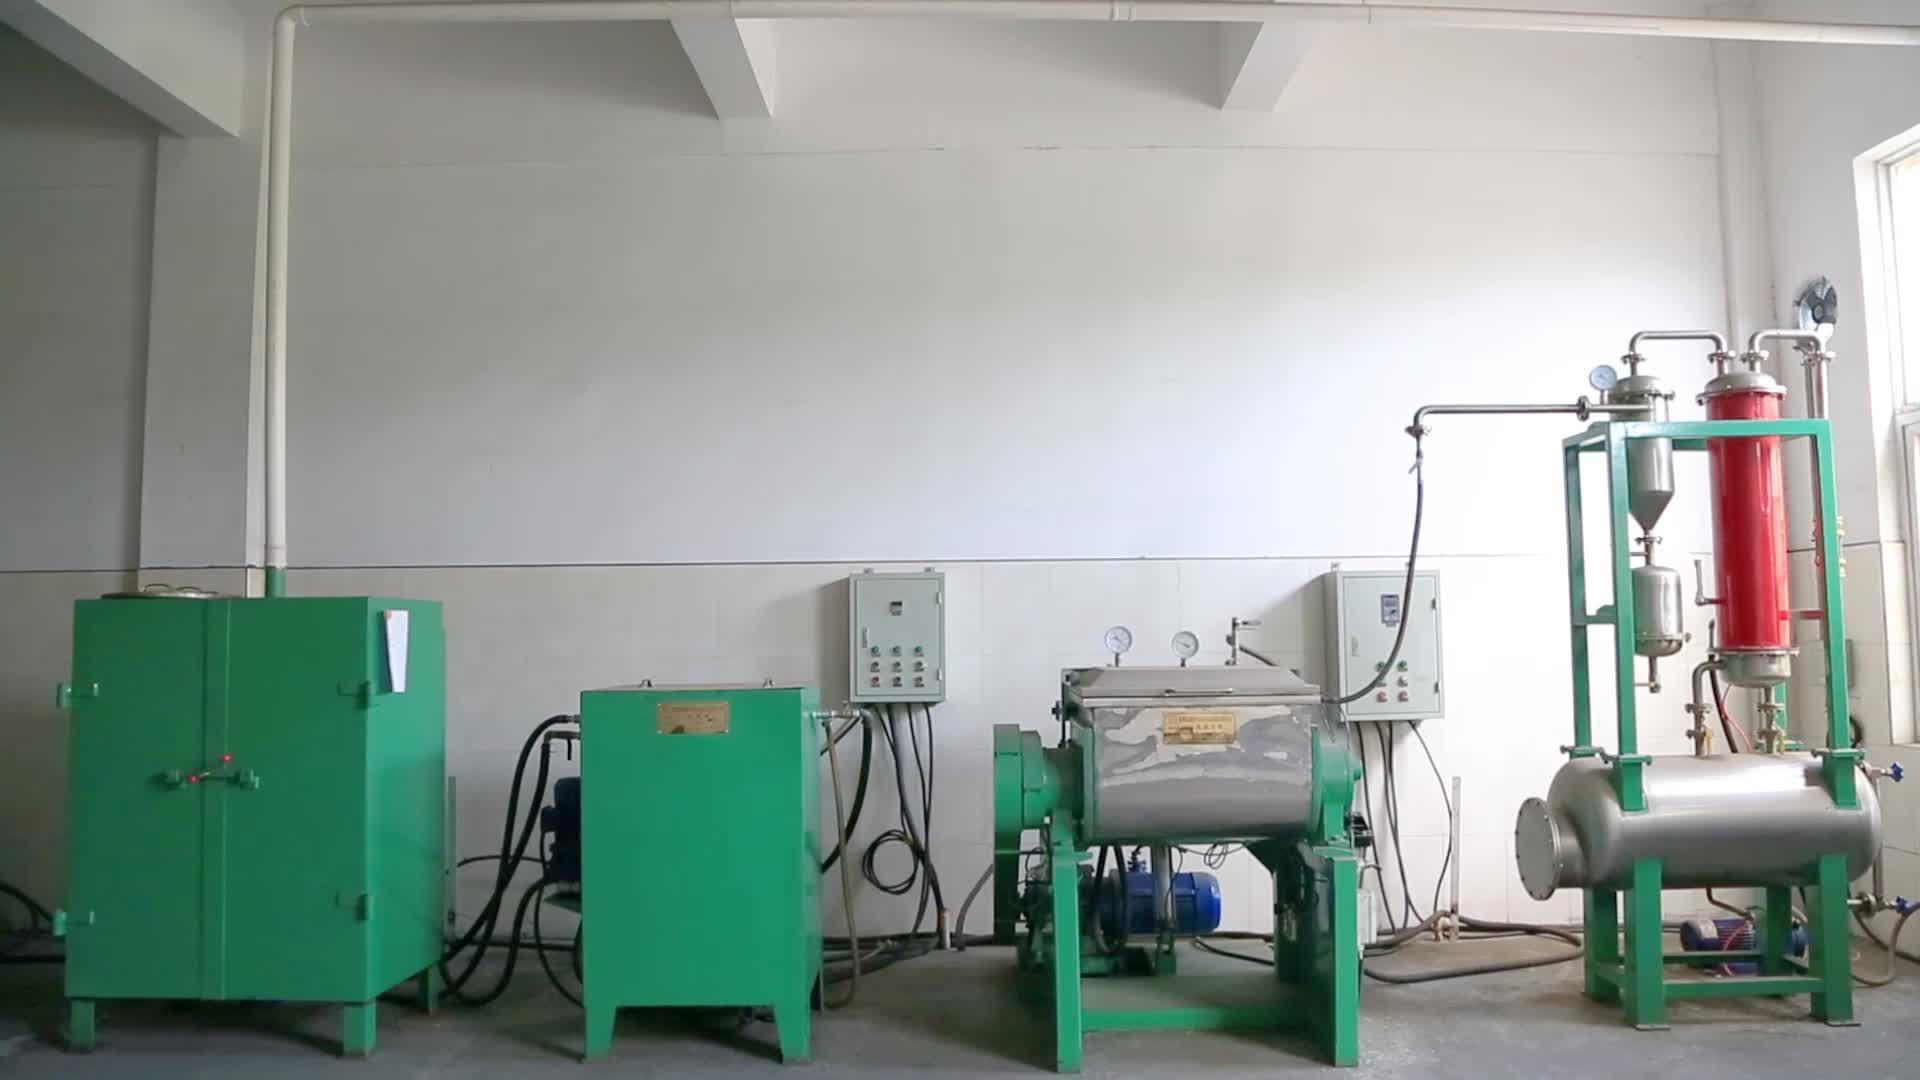 Elmas Takı Araçları Yapımı Tungsten Karbür Örs Sentetik Elmas Için Presleme Makinesi